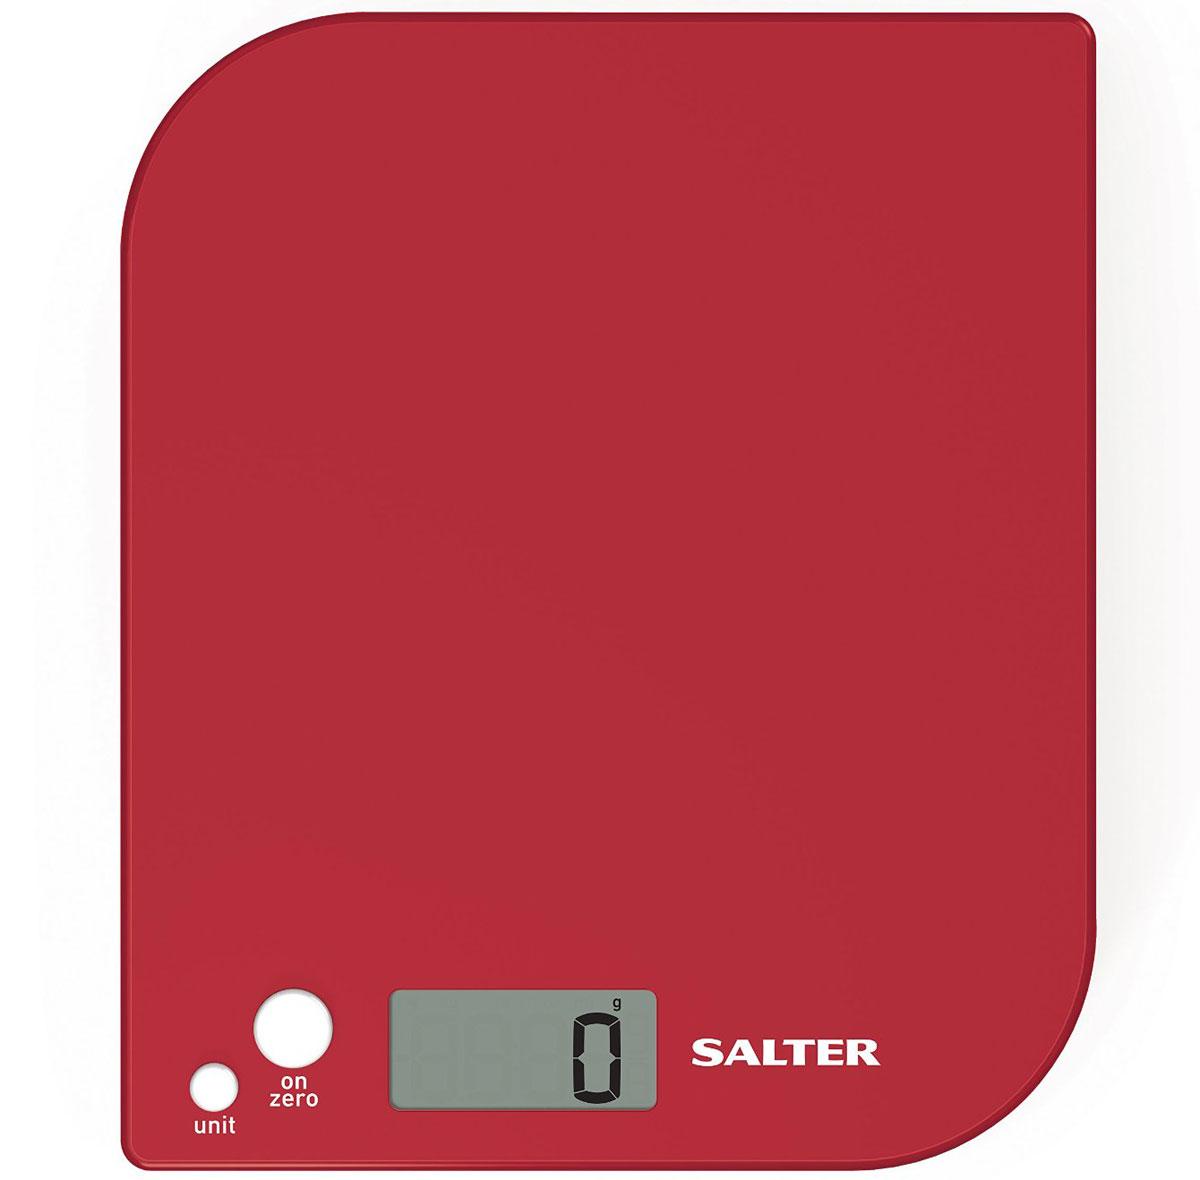 Salter 1177 RDWHDR, Redэлектронные кухонные весы Salter